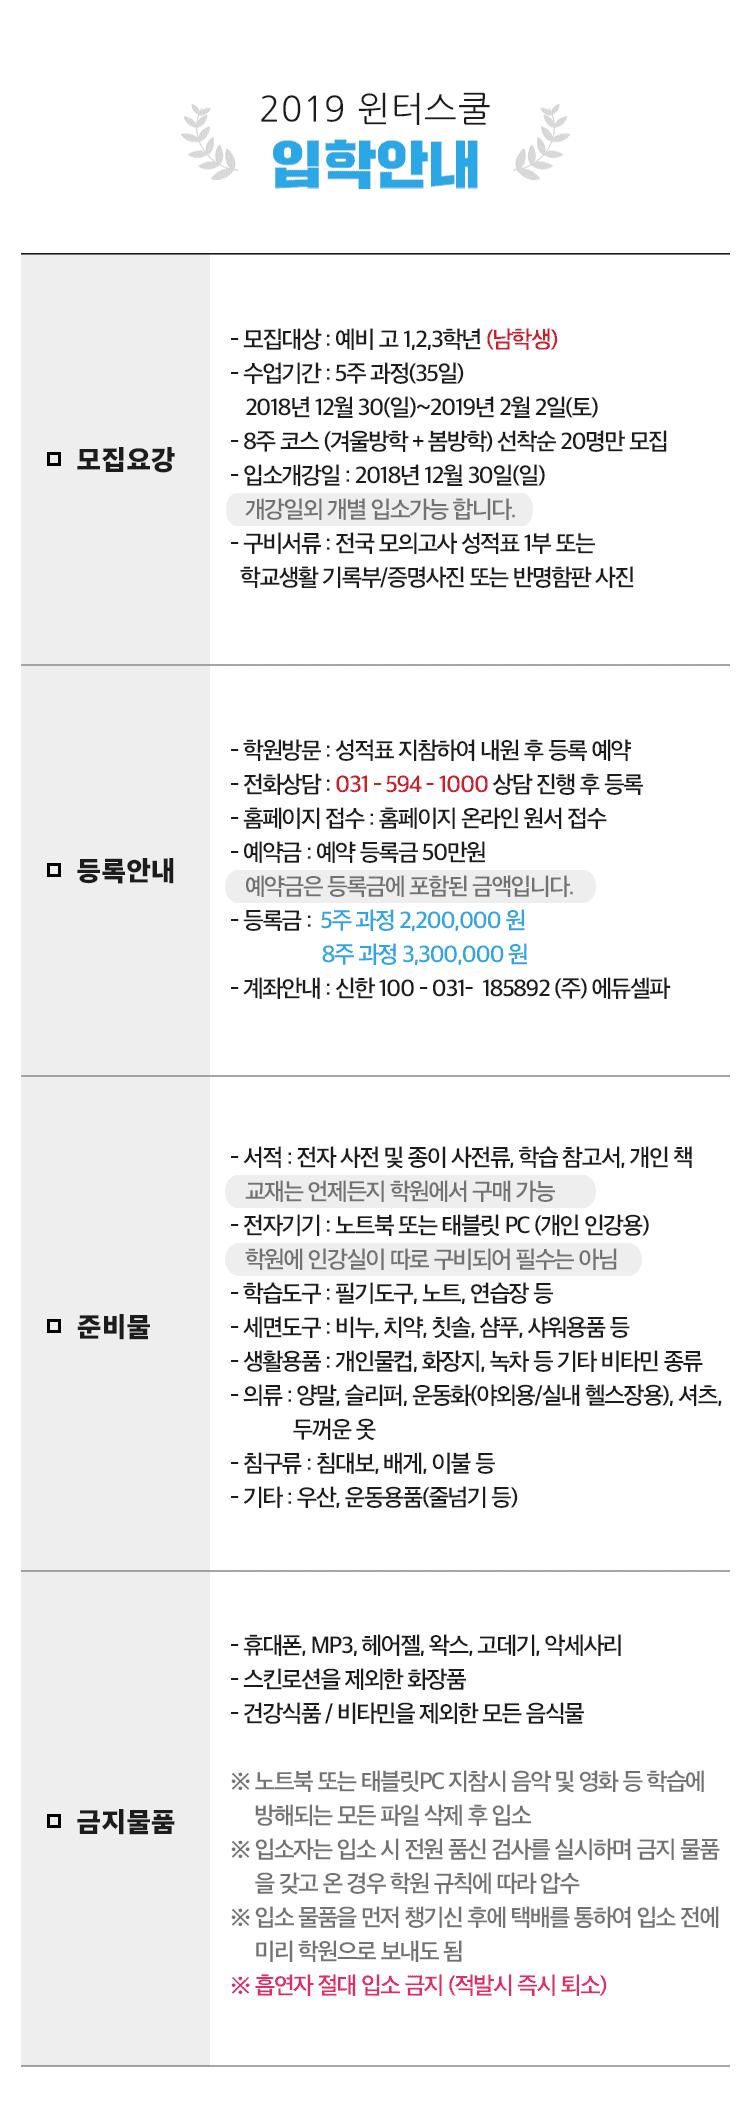 2019 윈터스쿨 입학안내 모바일